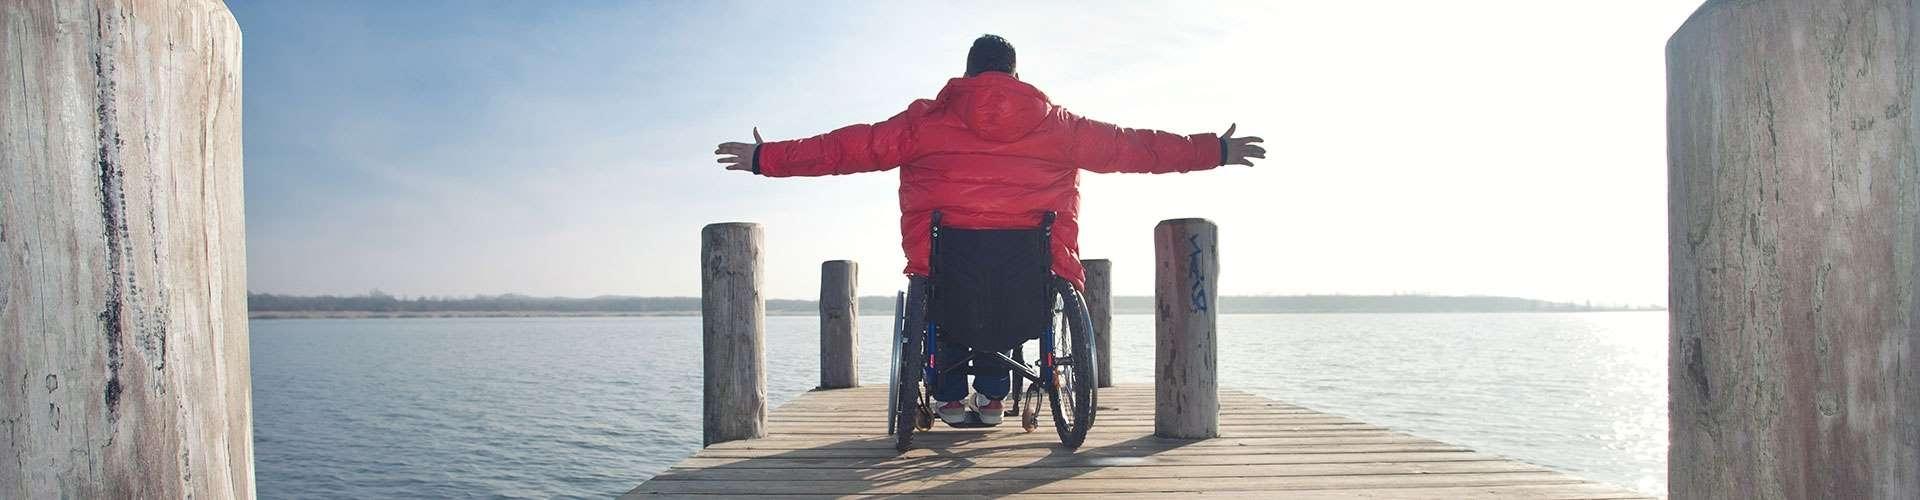 Berufsunfähigkeitsversicherung, Rollstuhlfahrer